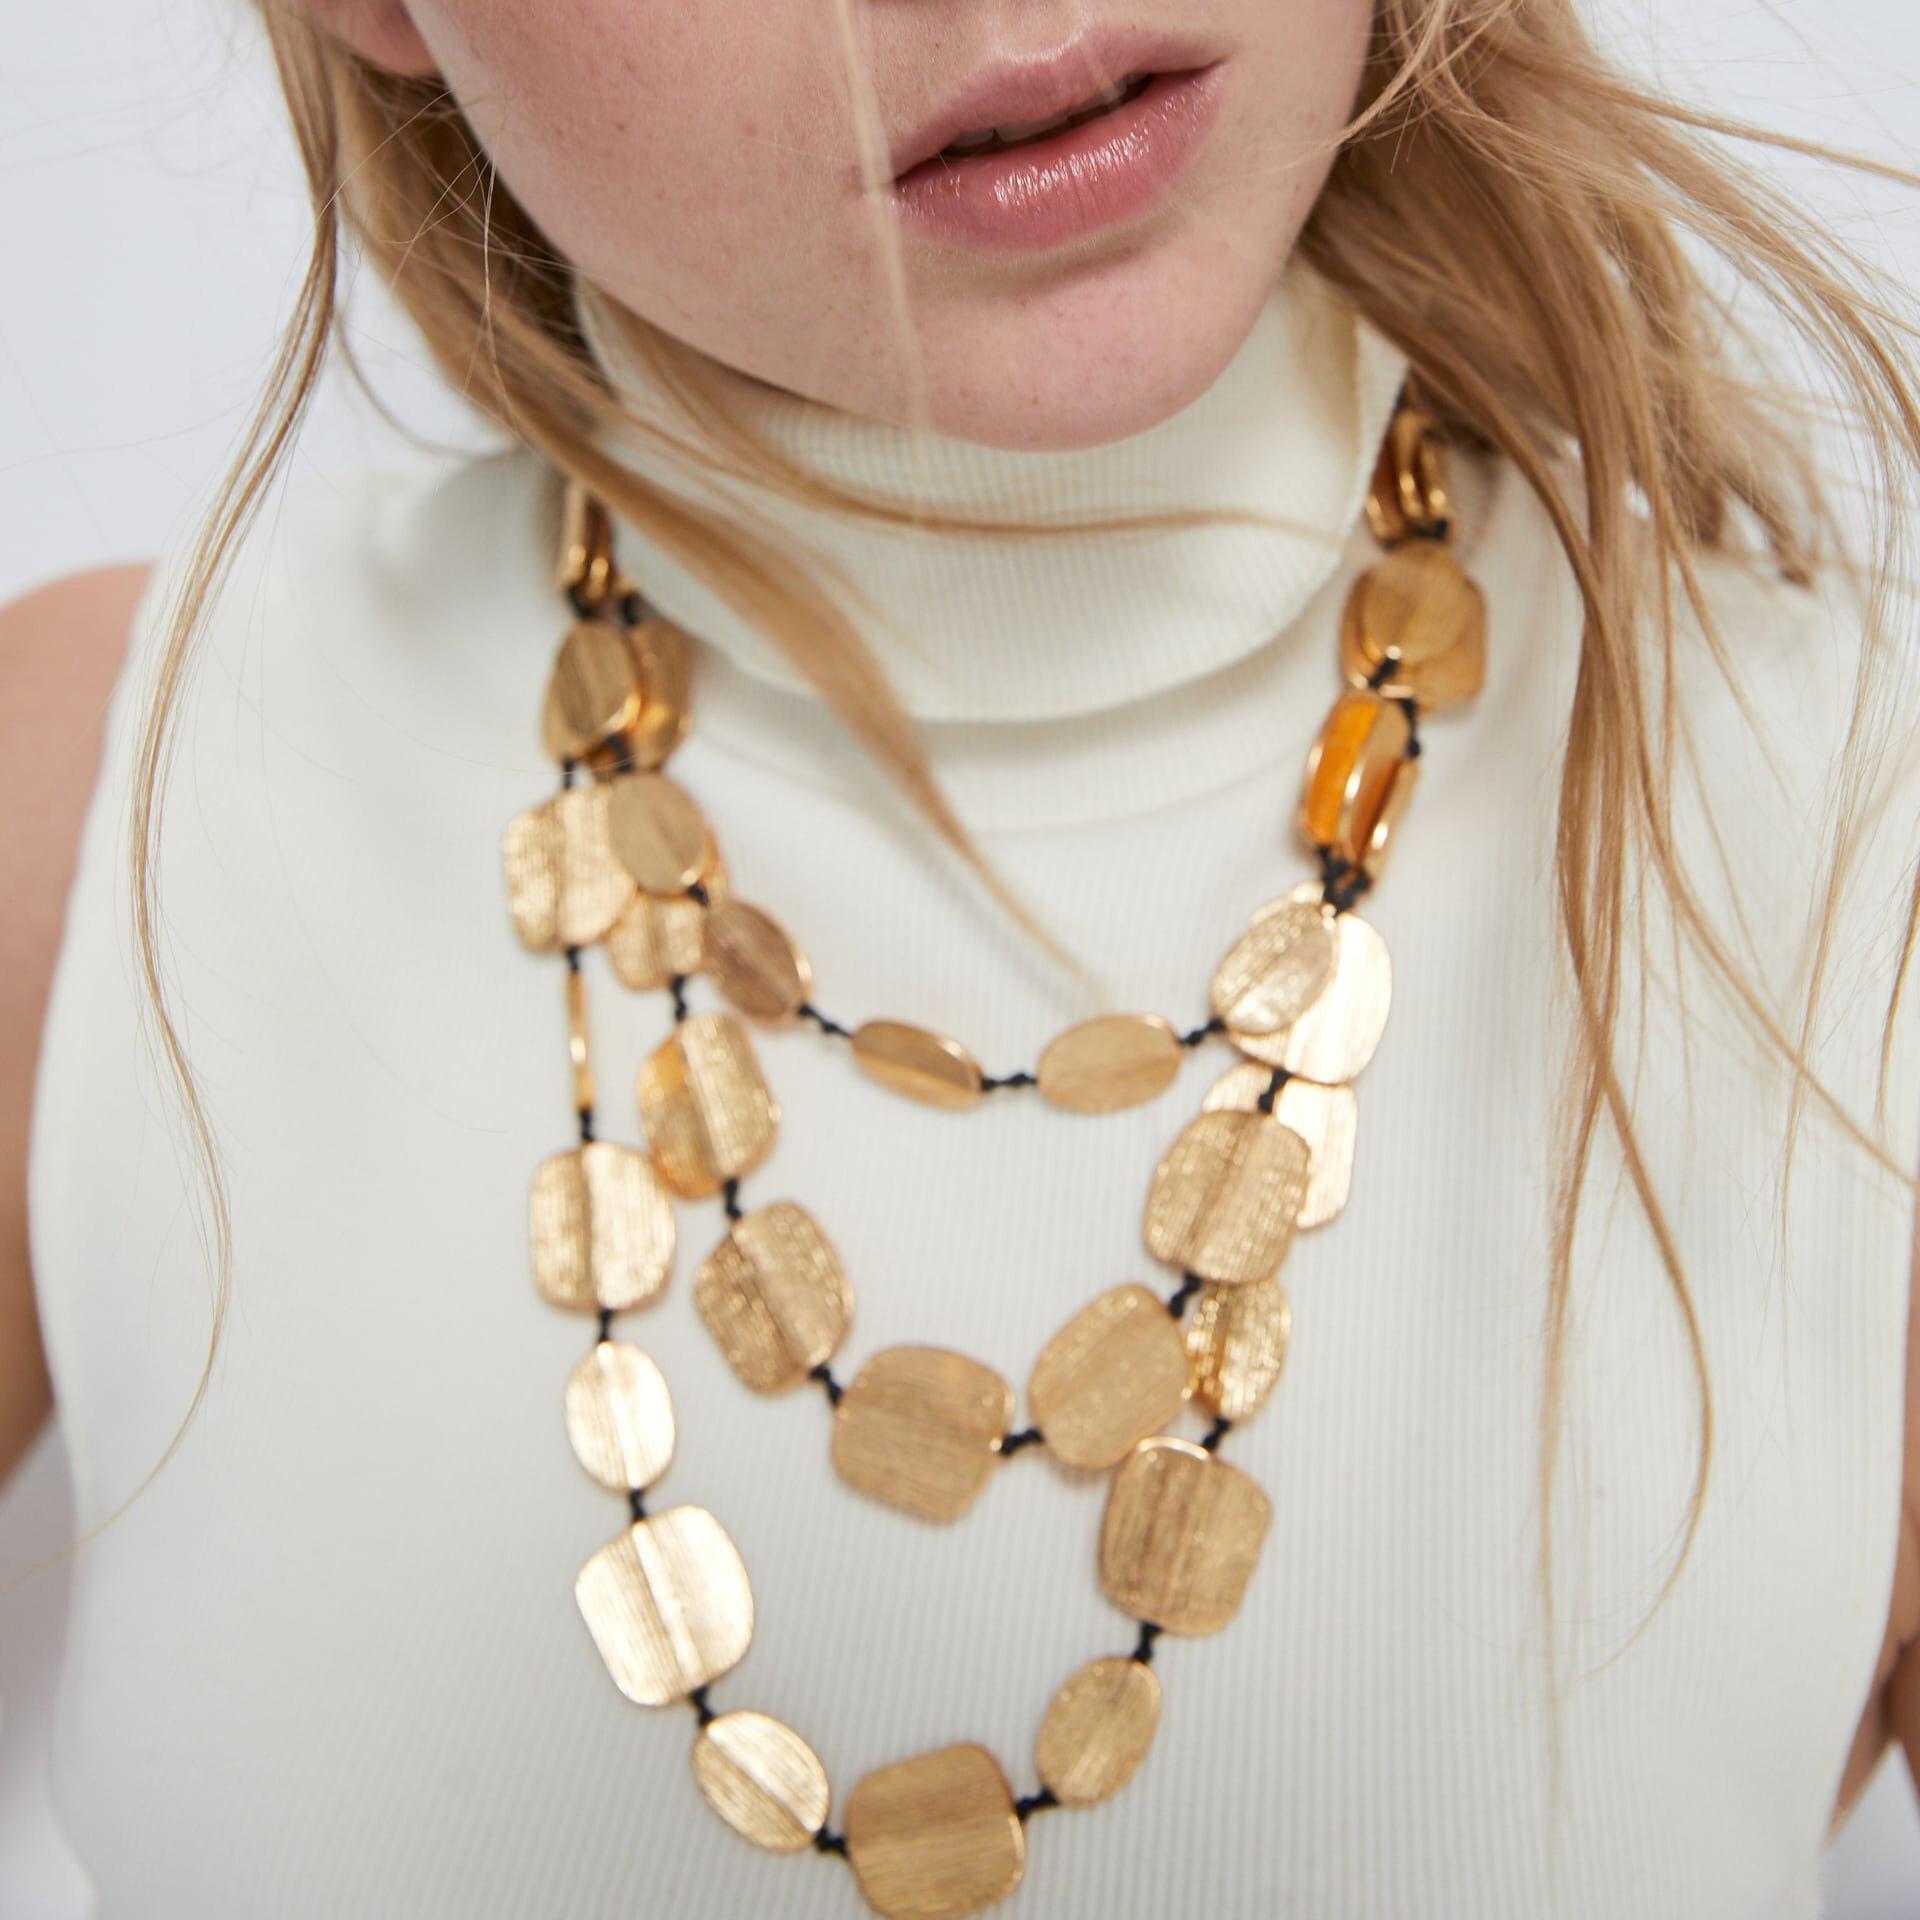 Collar de múltiples capas de Metal Vintage ZA, novedad de 2020, collar con colgante de piedra Natural de Animal bohemio de verano para mujer, joyería de fiesta